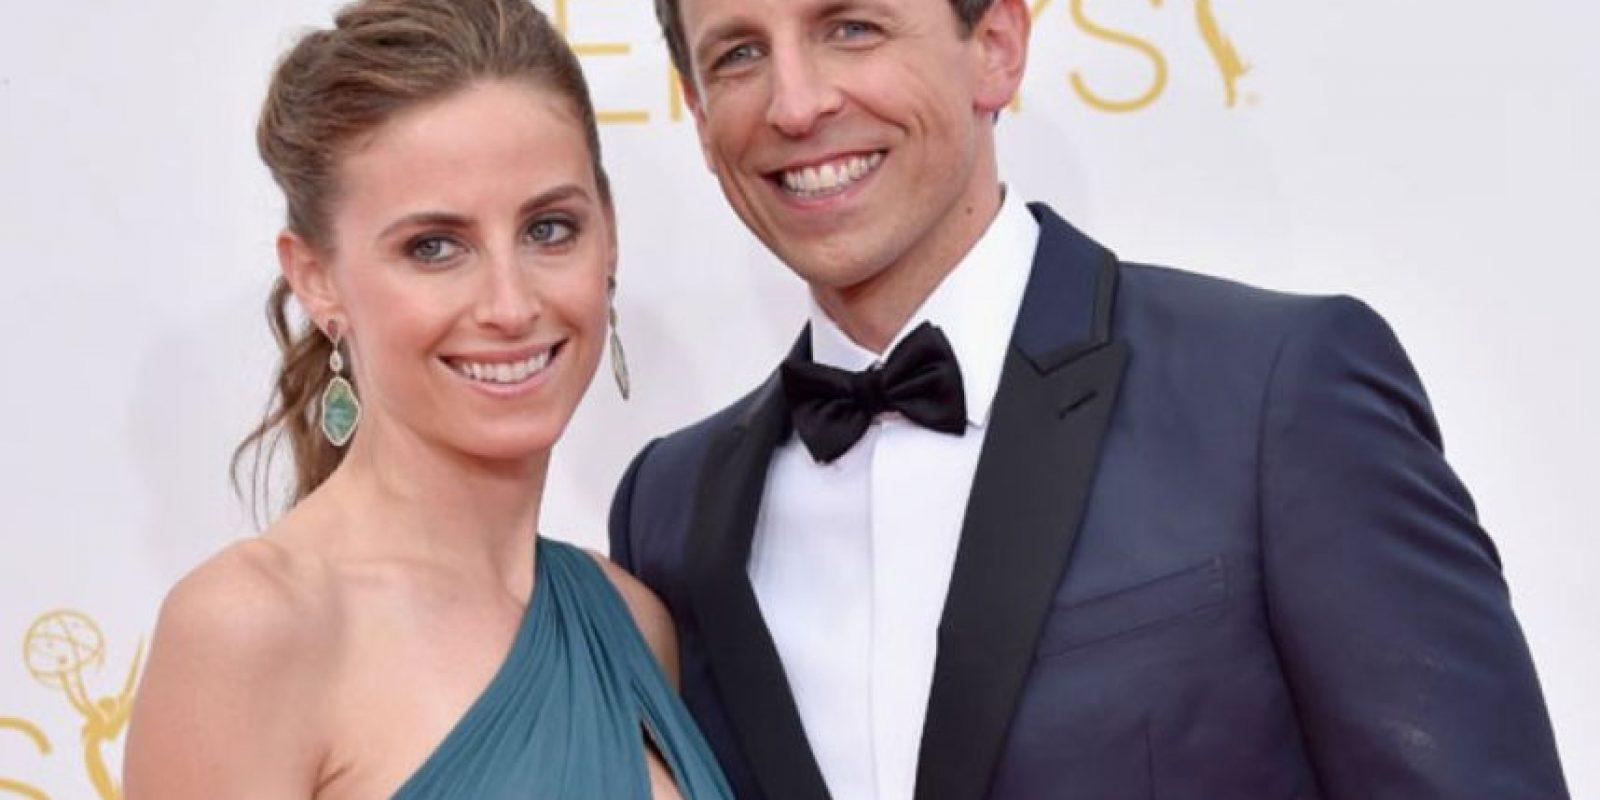 La esposa del famoso comediante y presentador Seth Meyers es Alexi Ashe, abogada de derechos humanos y asistente del Fiscal del distrito de Brooklyn. Foto:Getty Images